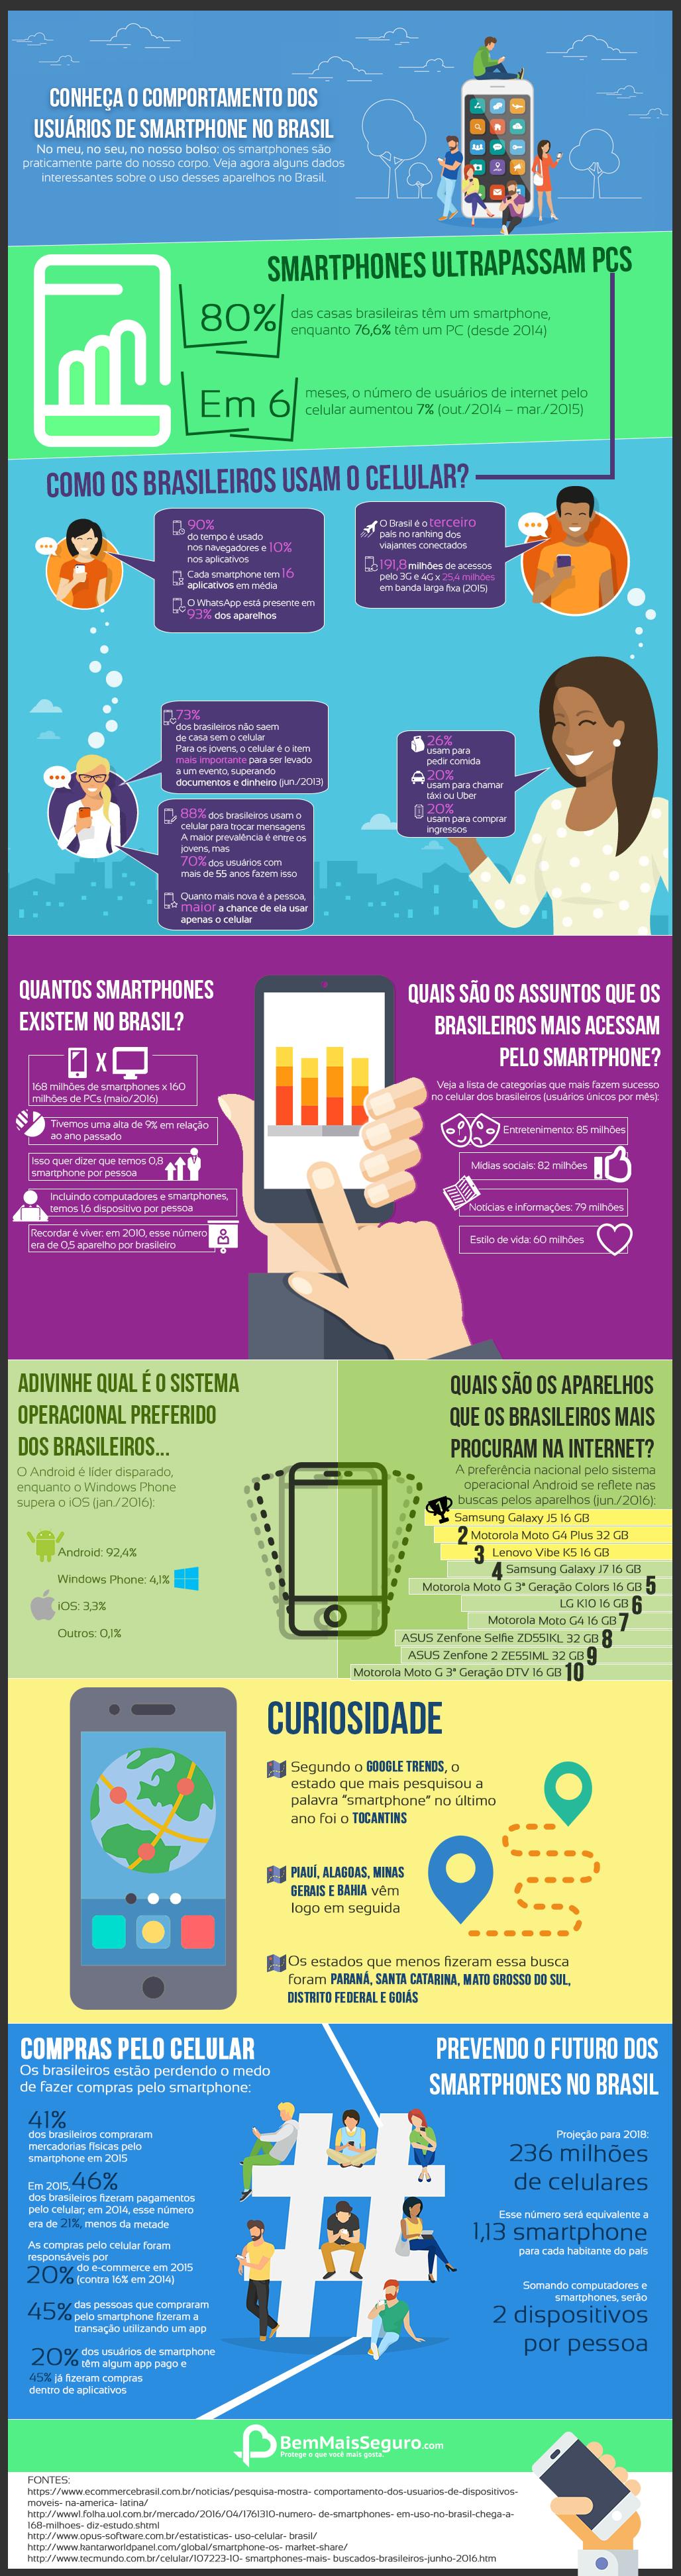 Como o brasileiro utiliza o smartphone? Infográfico responde isso pra você